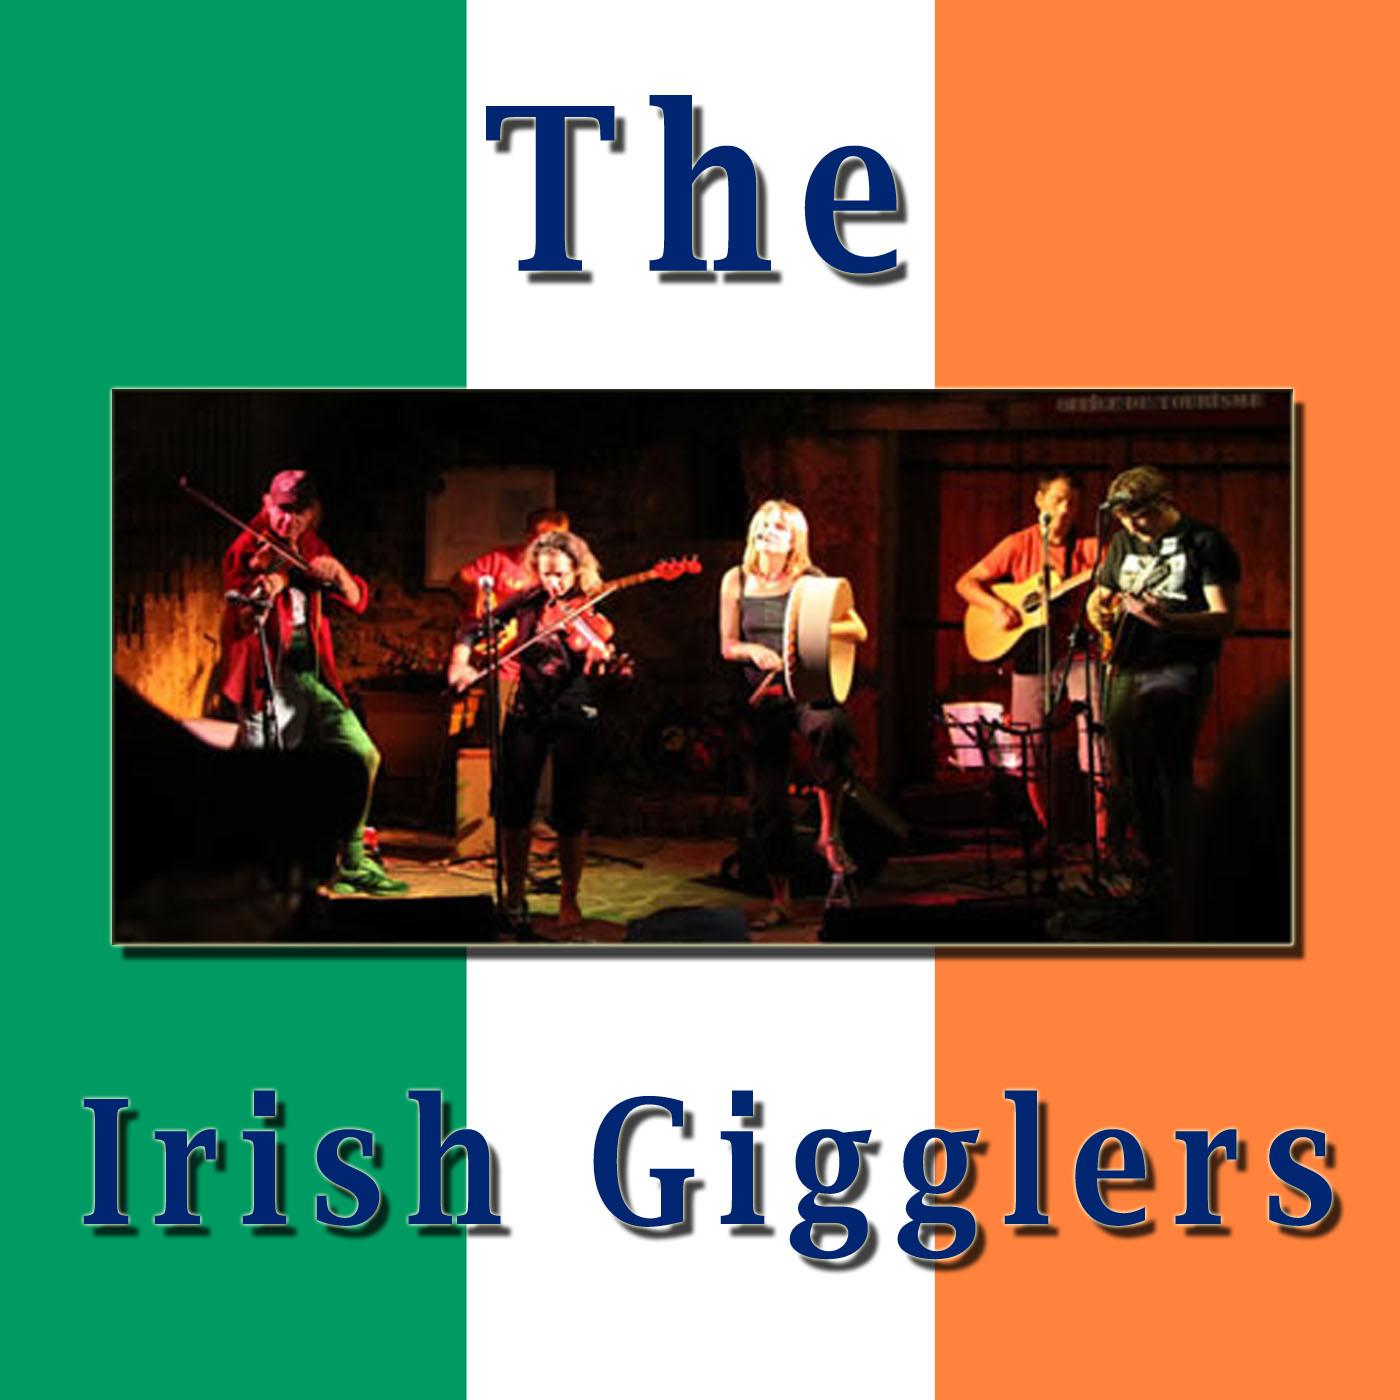 Irish Gigglers